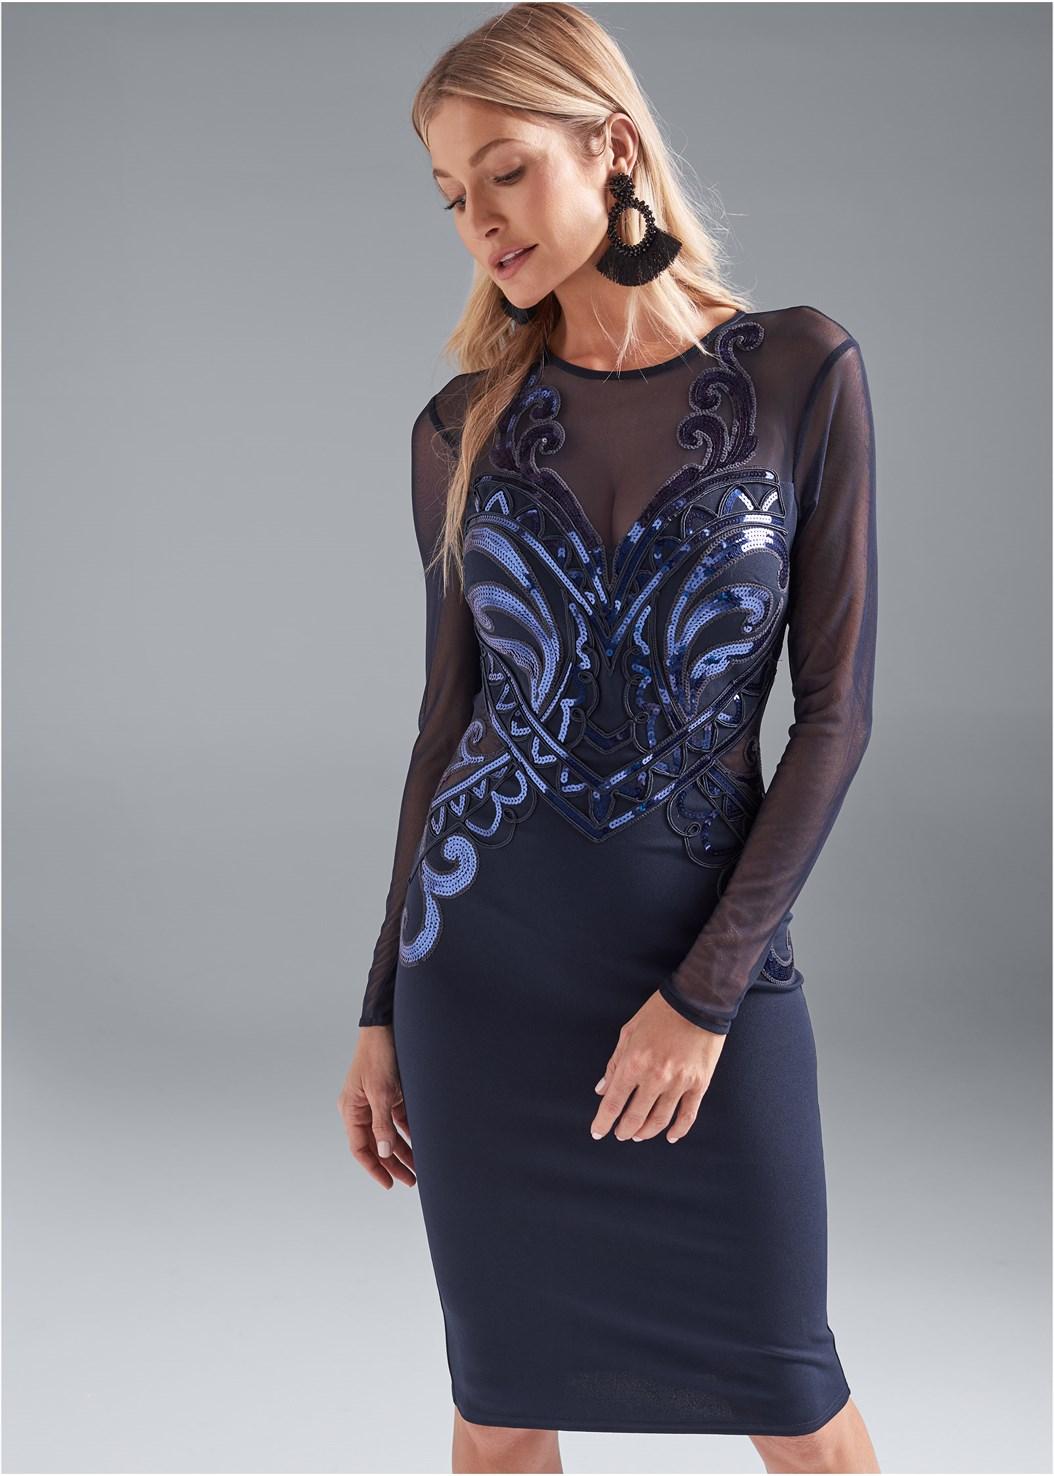 Sequin Bodycon Dress,Embellished Strappy Heel,Beaded Tassel Earrings